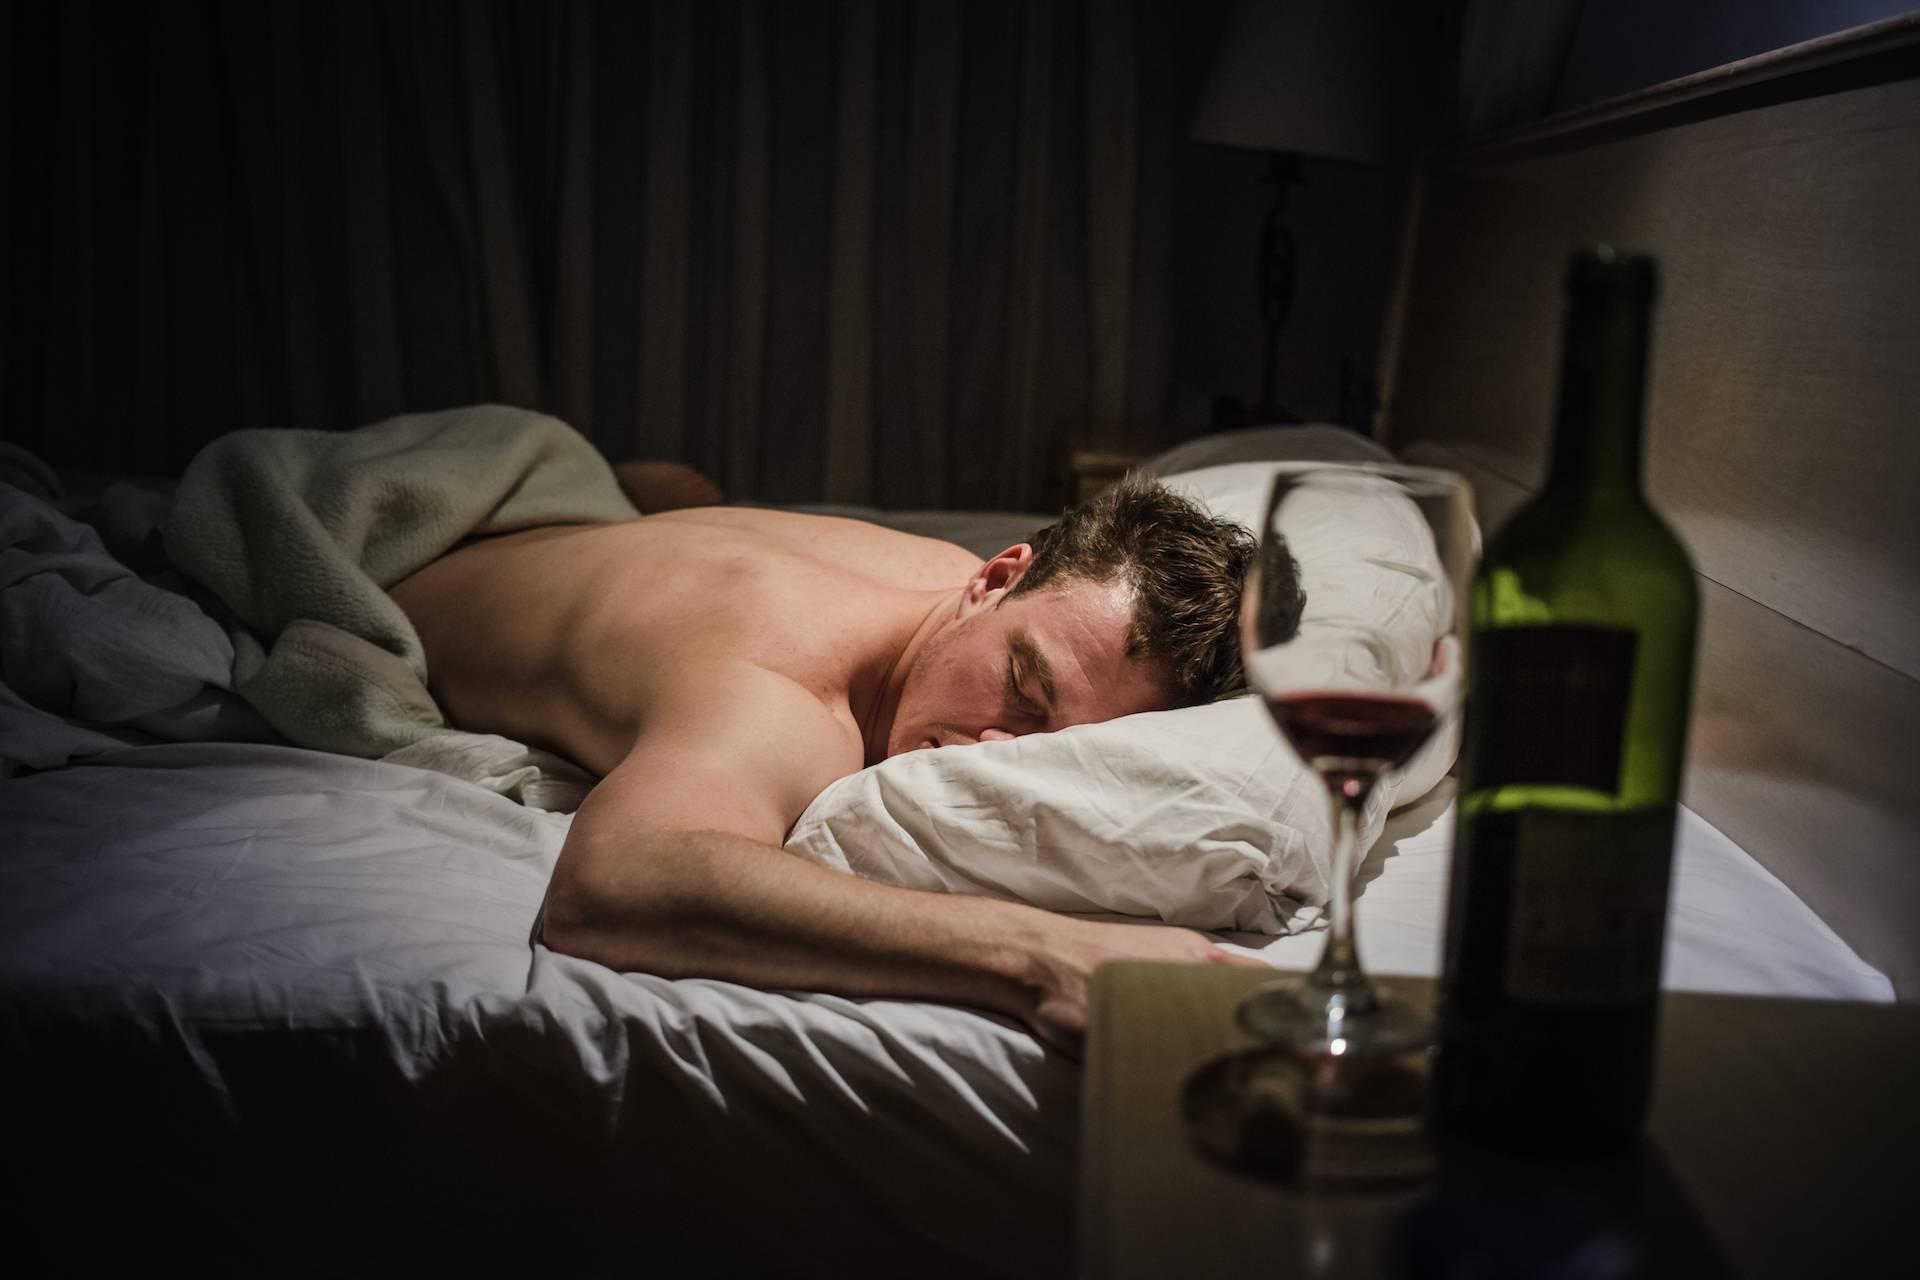 Похмельная инсомния после отказа от употребления алкоголя